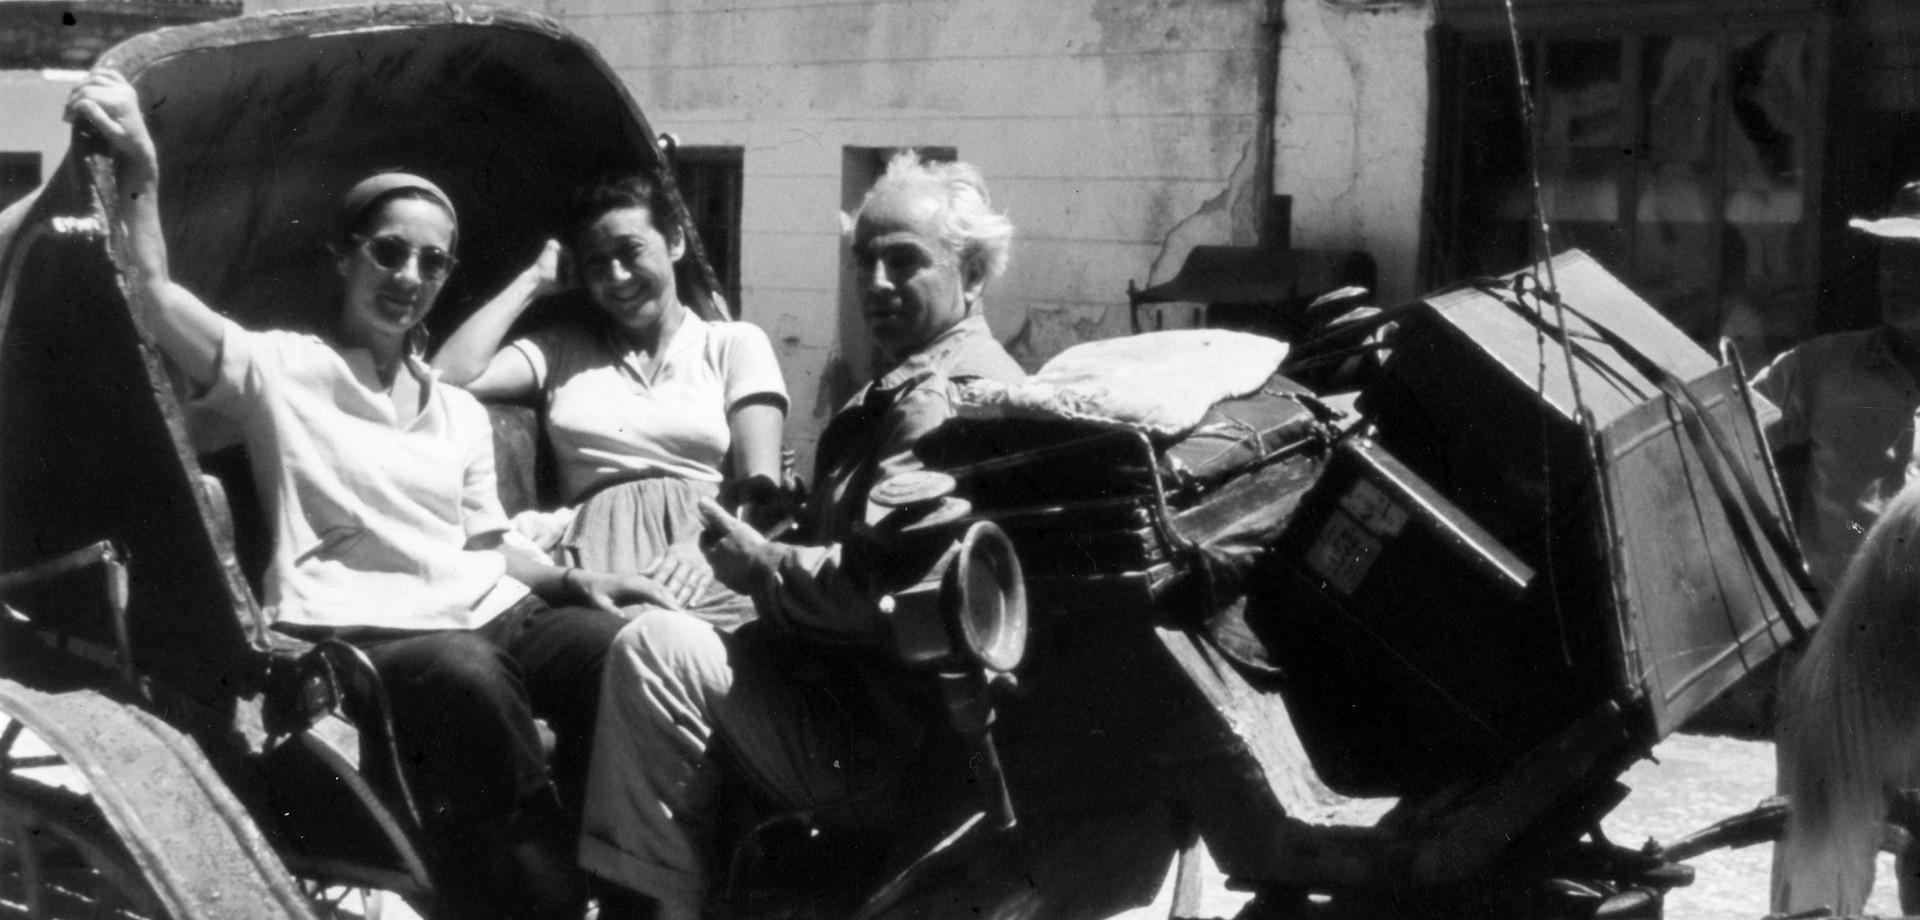 ΧΡΗΣΤΟΣ ΚΑΠΡΑΛΟΣ ΚΑΙ ΒΑΣΩ ΚΑΤΡΑΚΗ, ROMA GALLERY